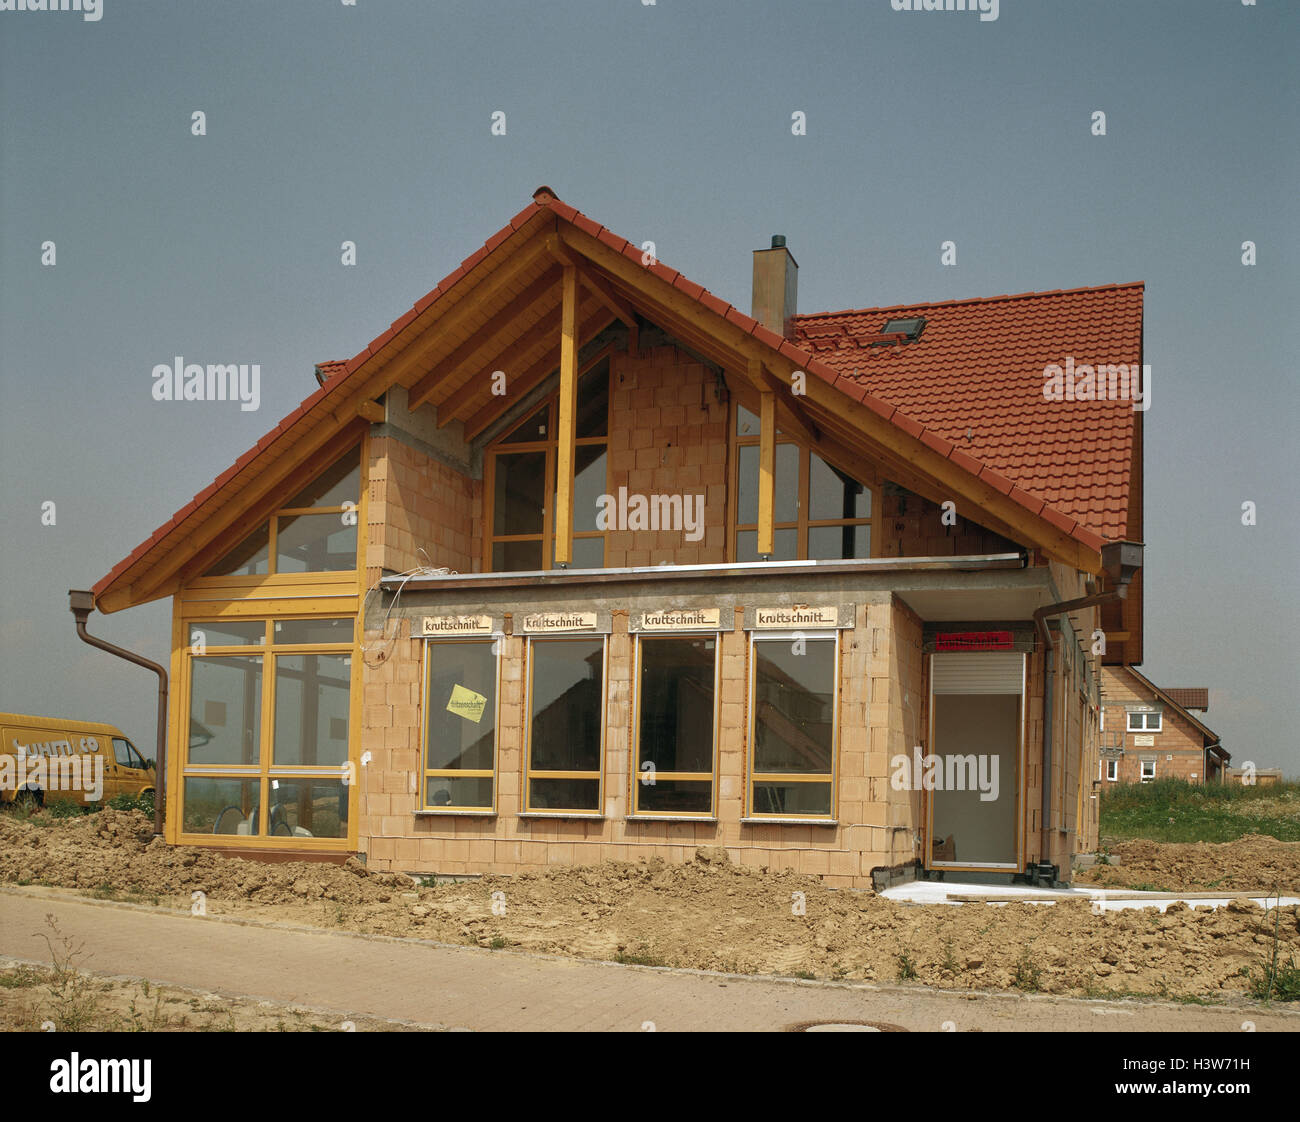 Bungalow Bauen: Haus Bauen Wie. Plan Haus Bauen Best Of Bungalow Haus Mit